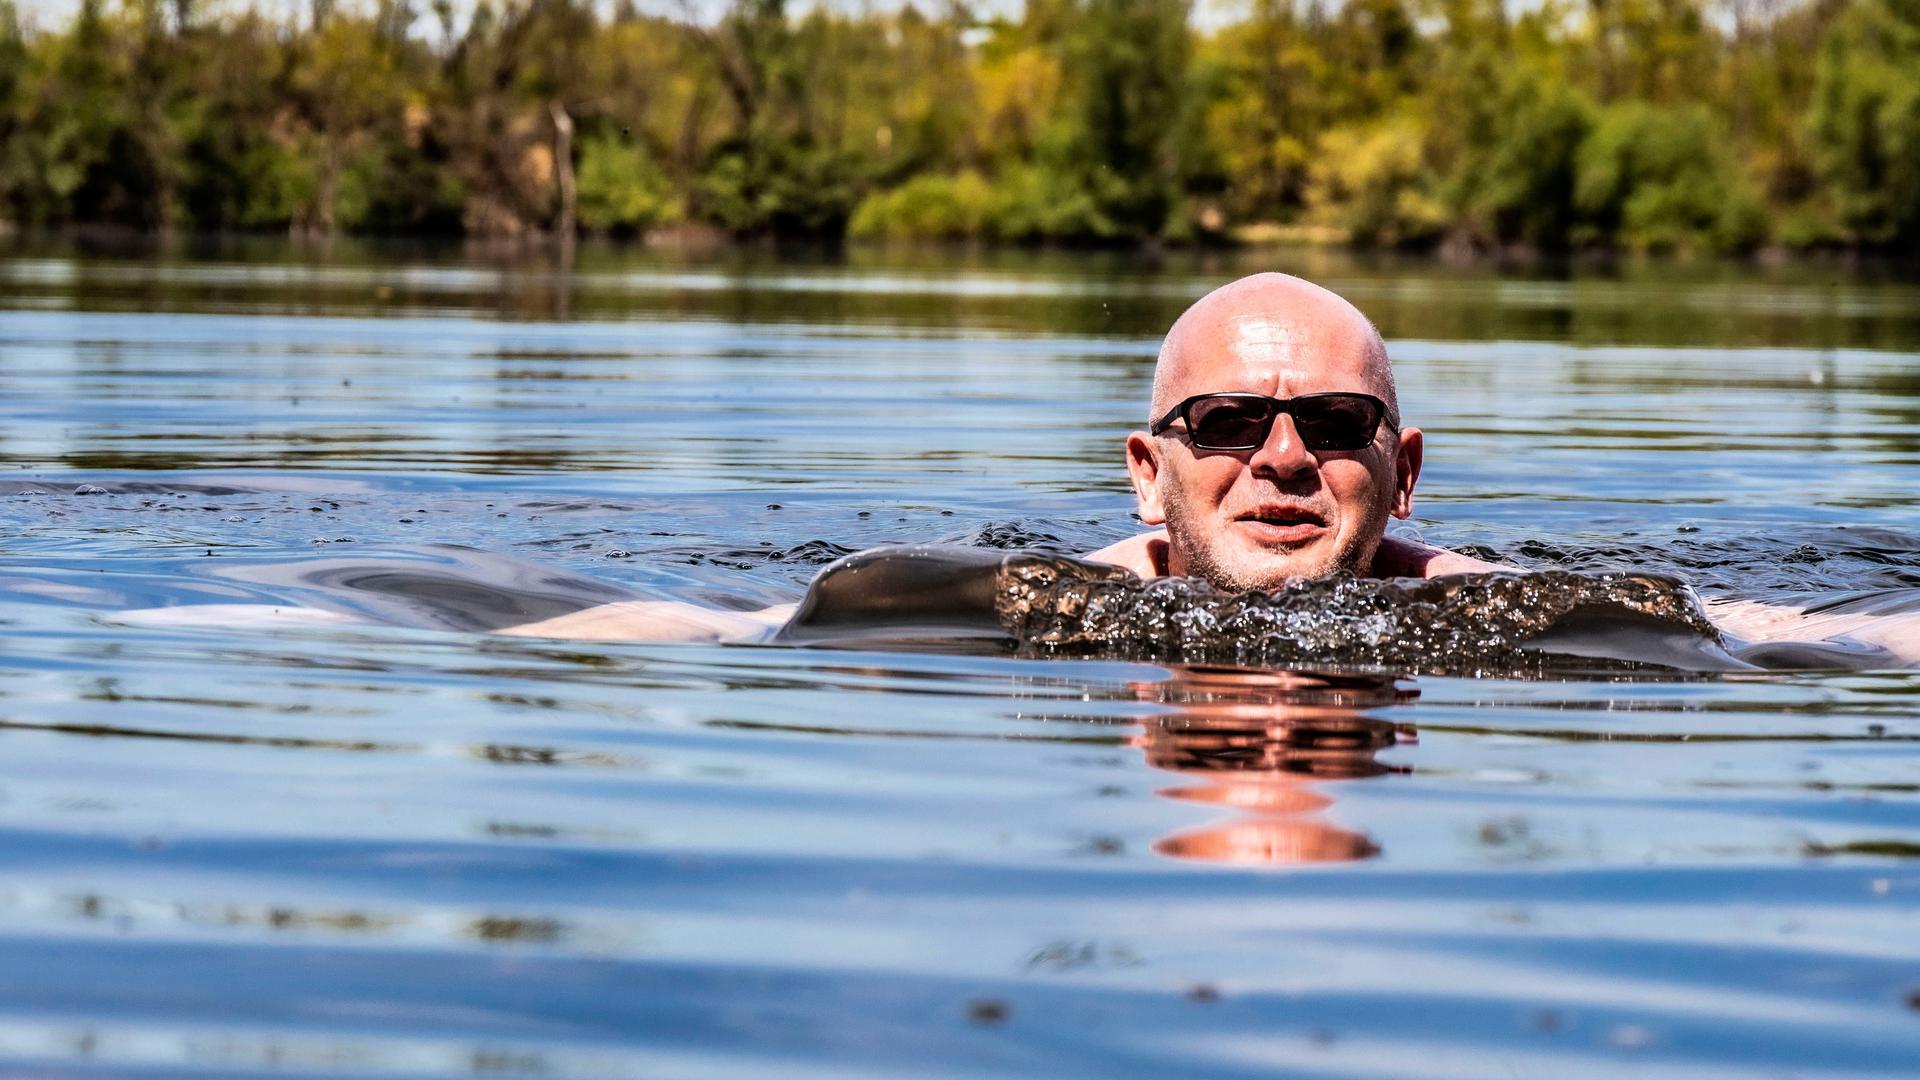 Ein Mann mit Glatze und Sonnenbrille schwimmt in einem Baggersee.